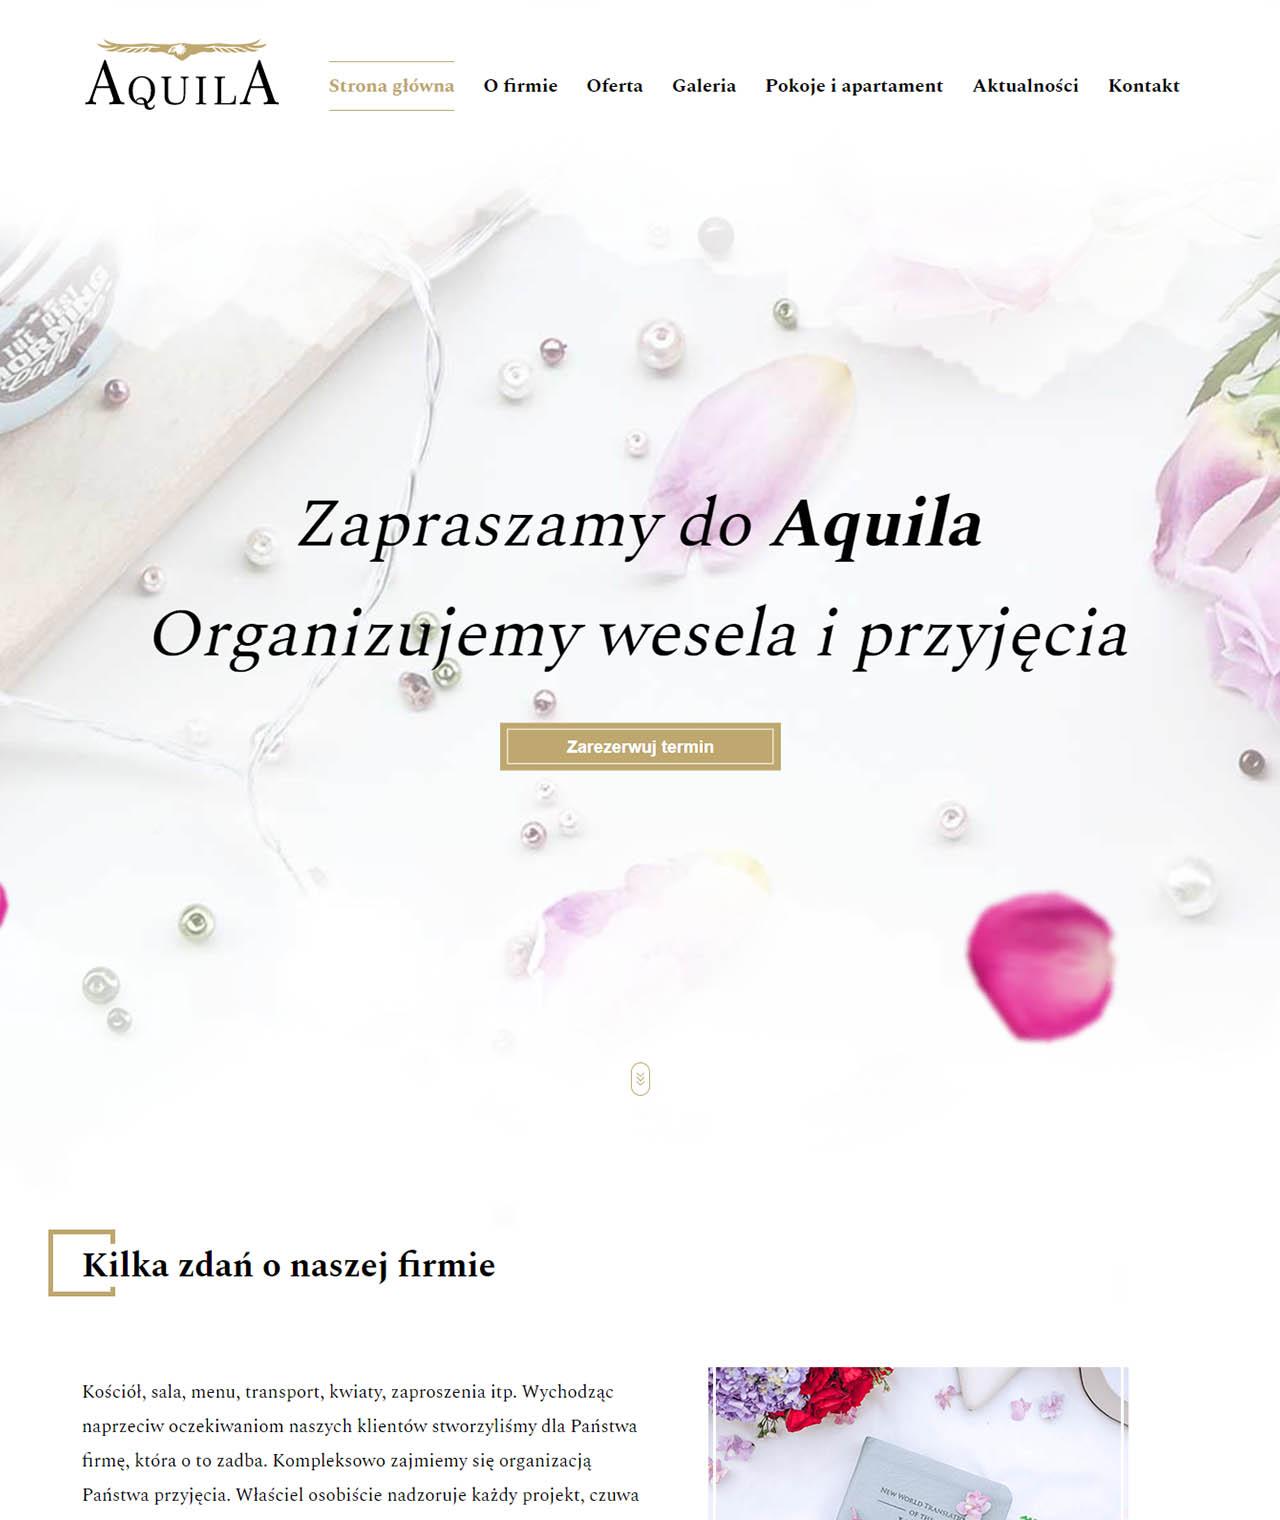 Strona aquila-przyjecia.pl